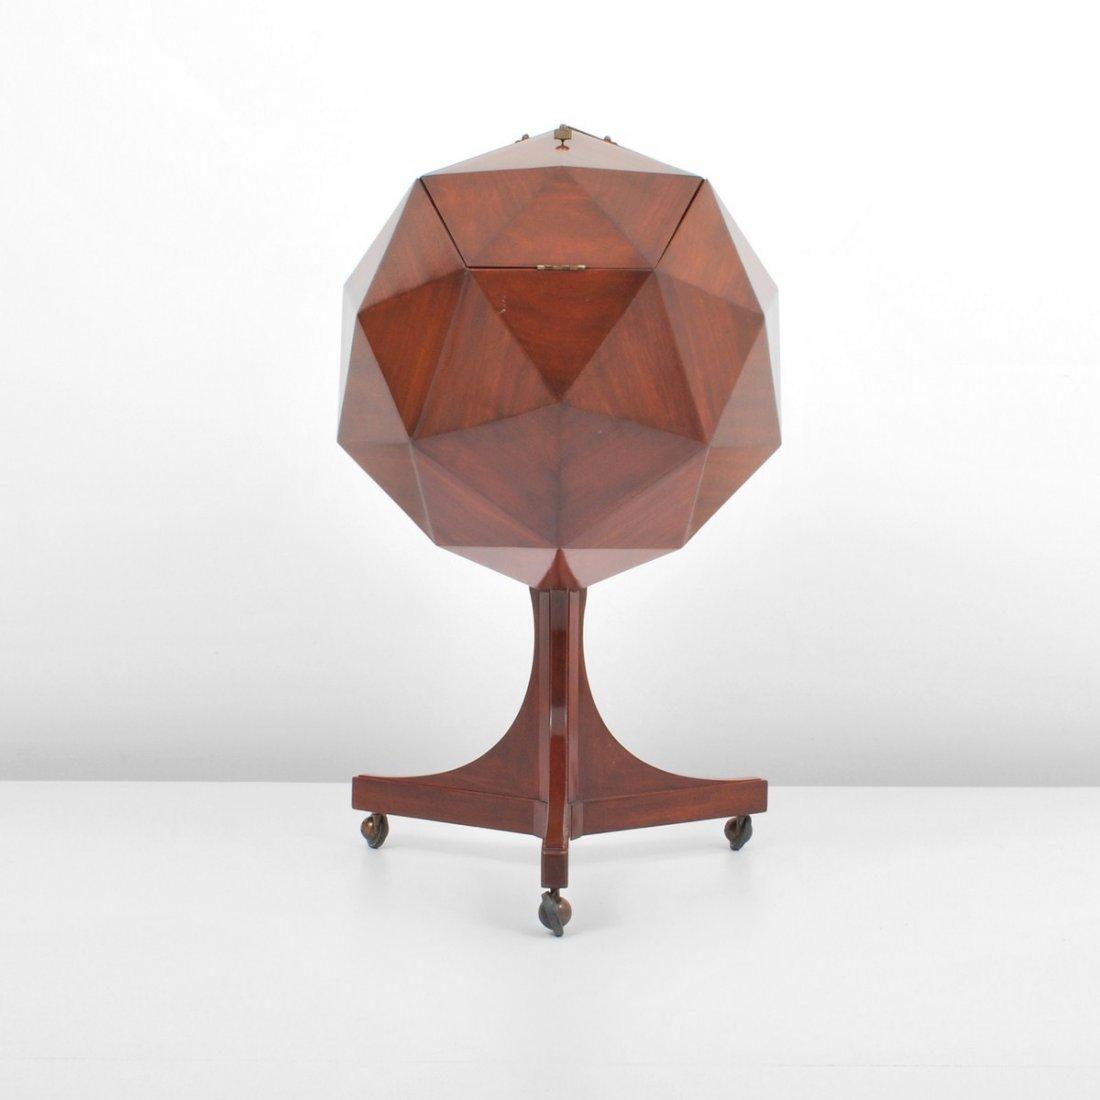 153: Multifaceted Sphere Bar, Ico Parisi